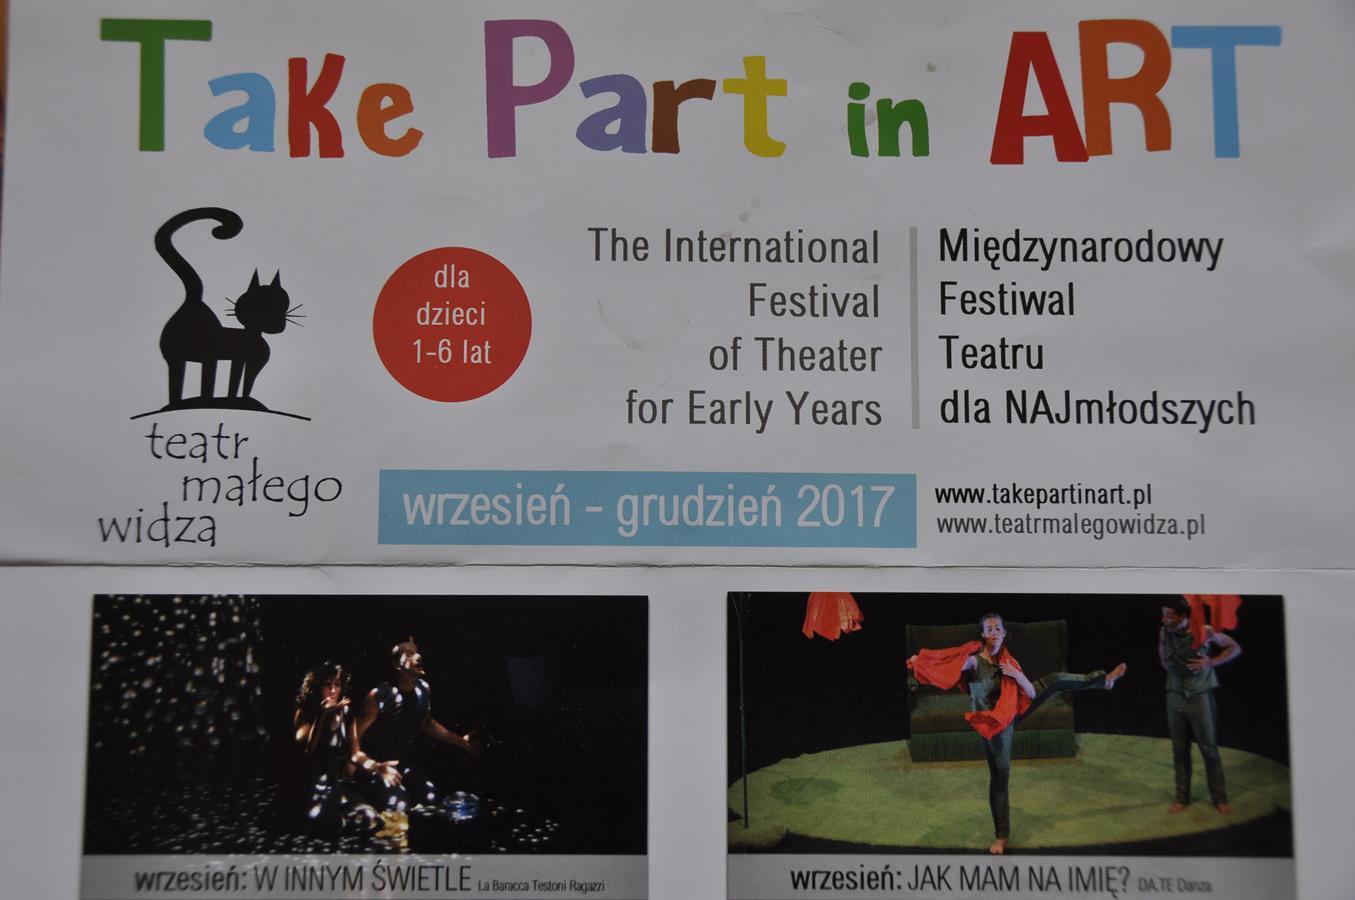 Take part in art dla dzieci